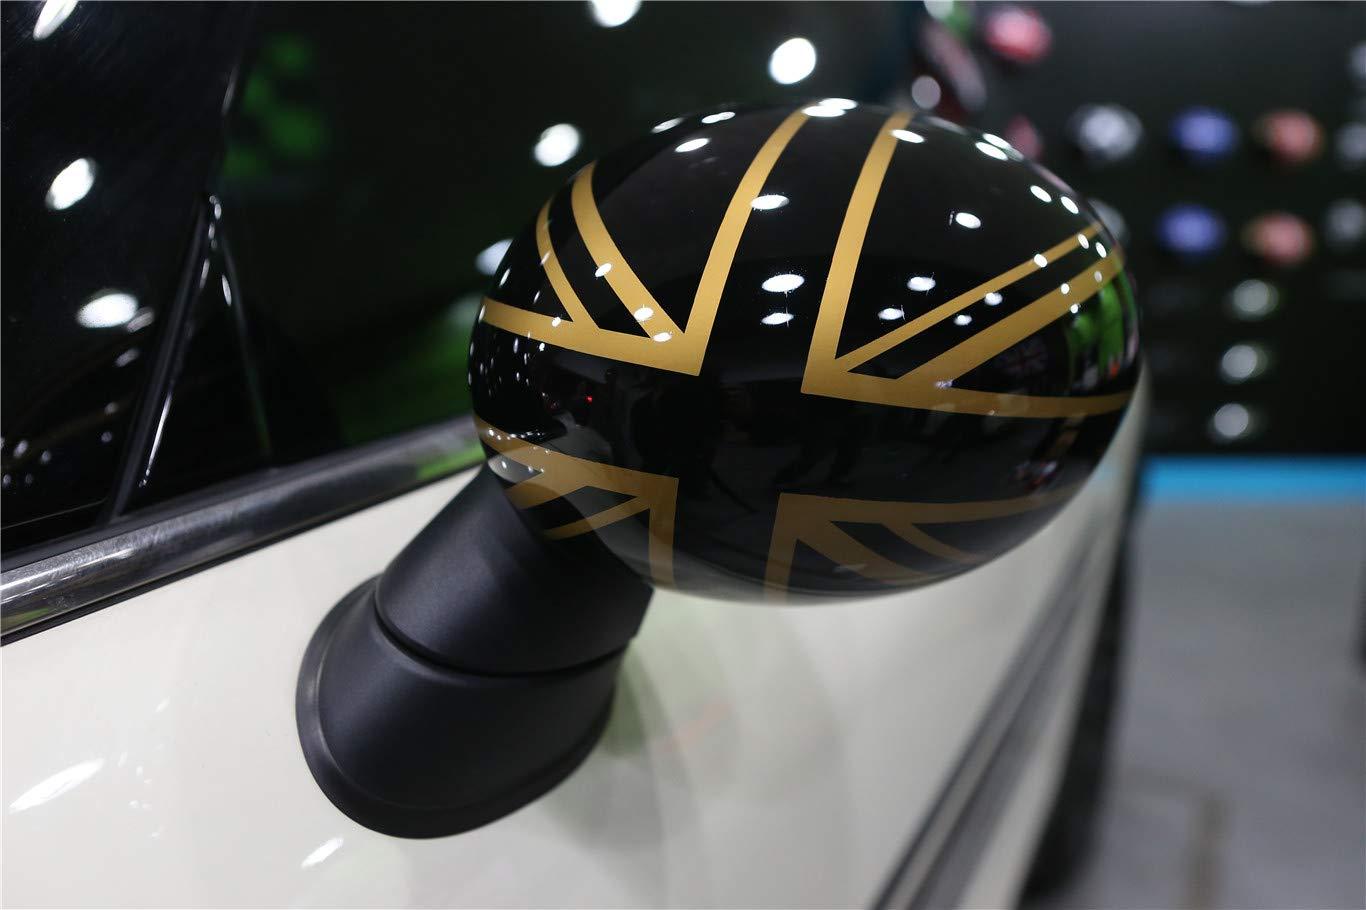 HDX Casquette pour r/étroviseur lat/éral JCW John Cooper Works en ABS pour Mini Cooper S/érie F F54 Clubman F55 Hardtop F56 Hatchback F57 Covertible F60 Countryman